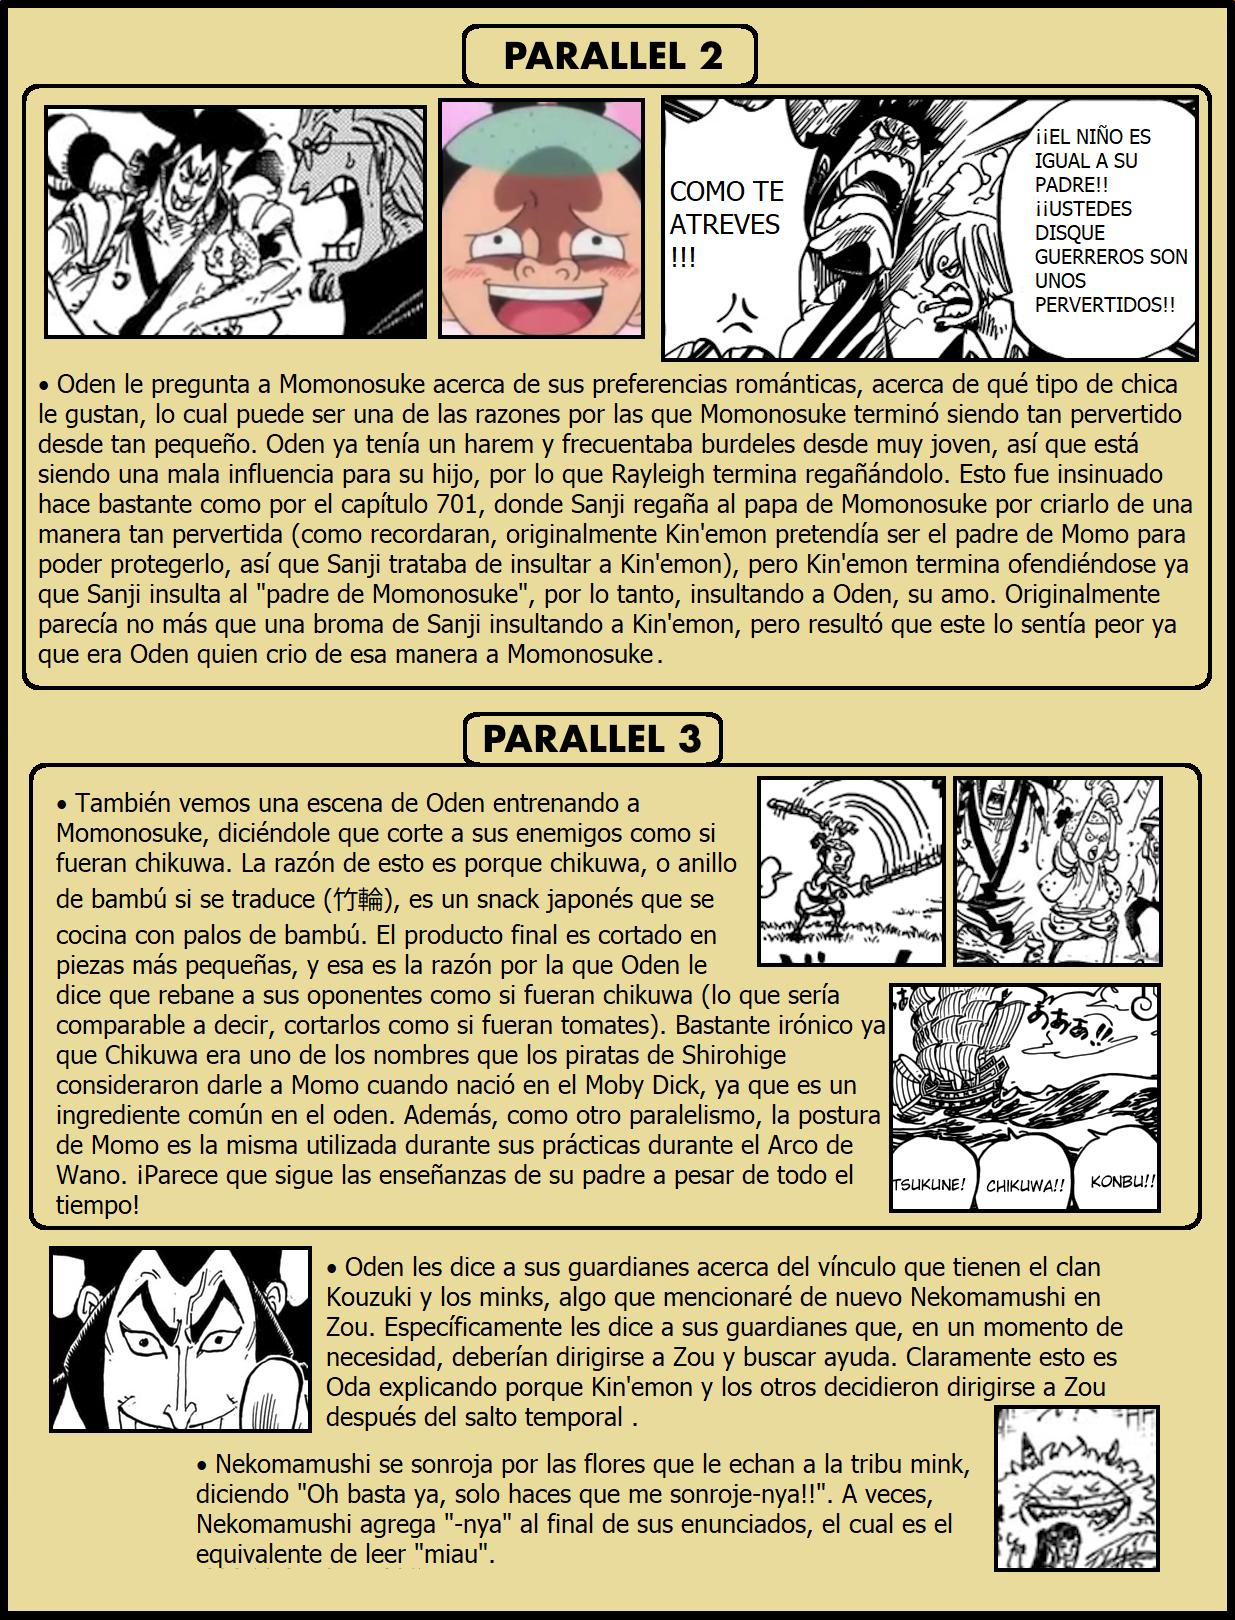 Secretos & Curiosidades - One Piece Manga 973 02